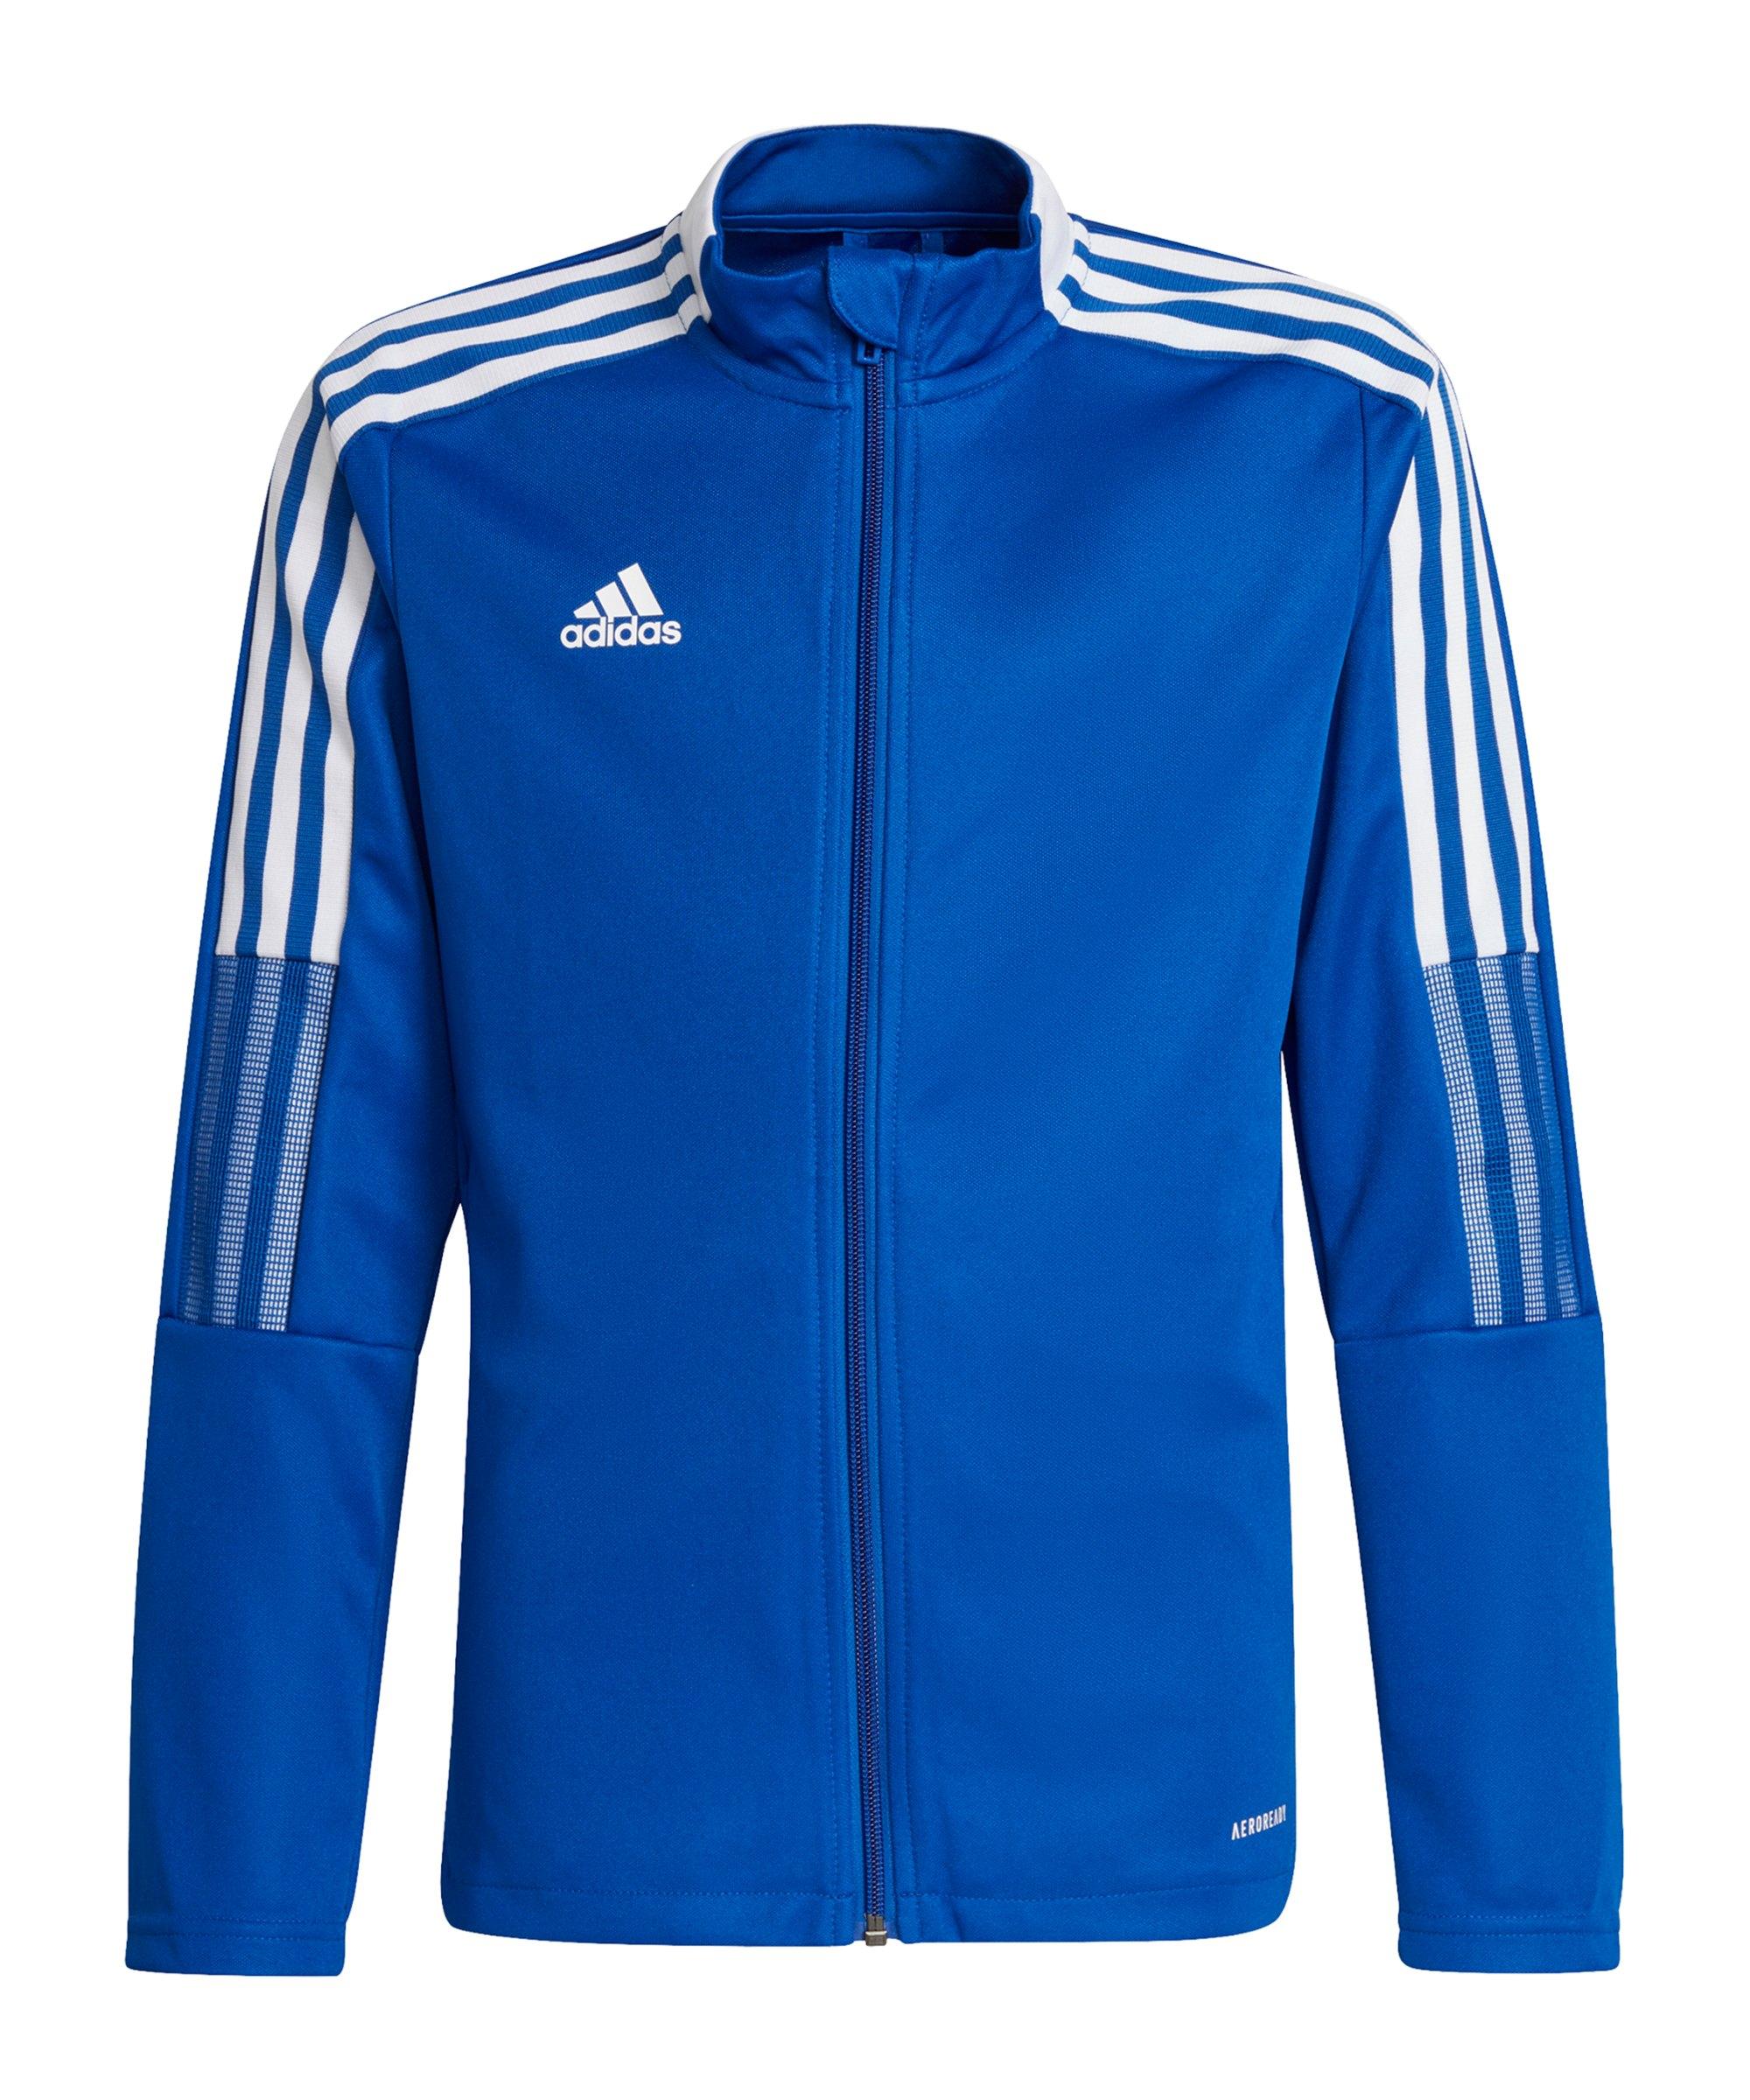 adidas Tiro 21 Trainingsjacke Kids Blau - blau